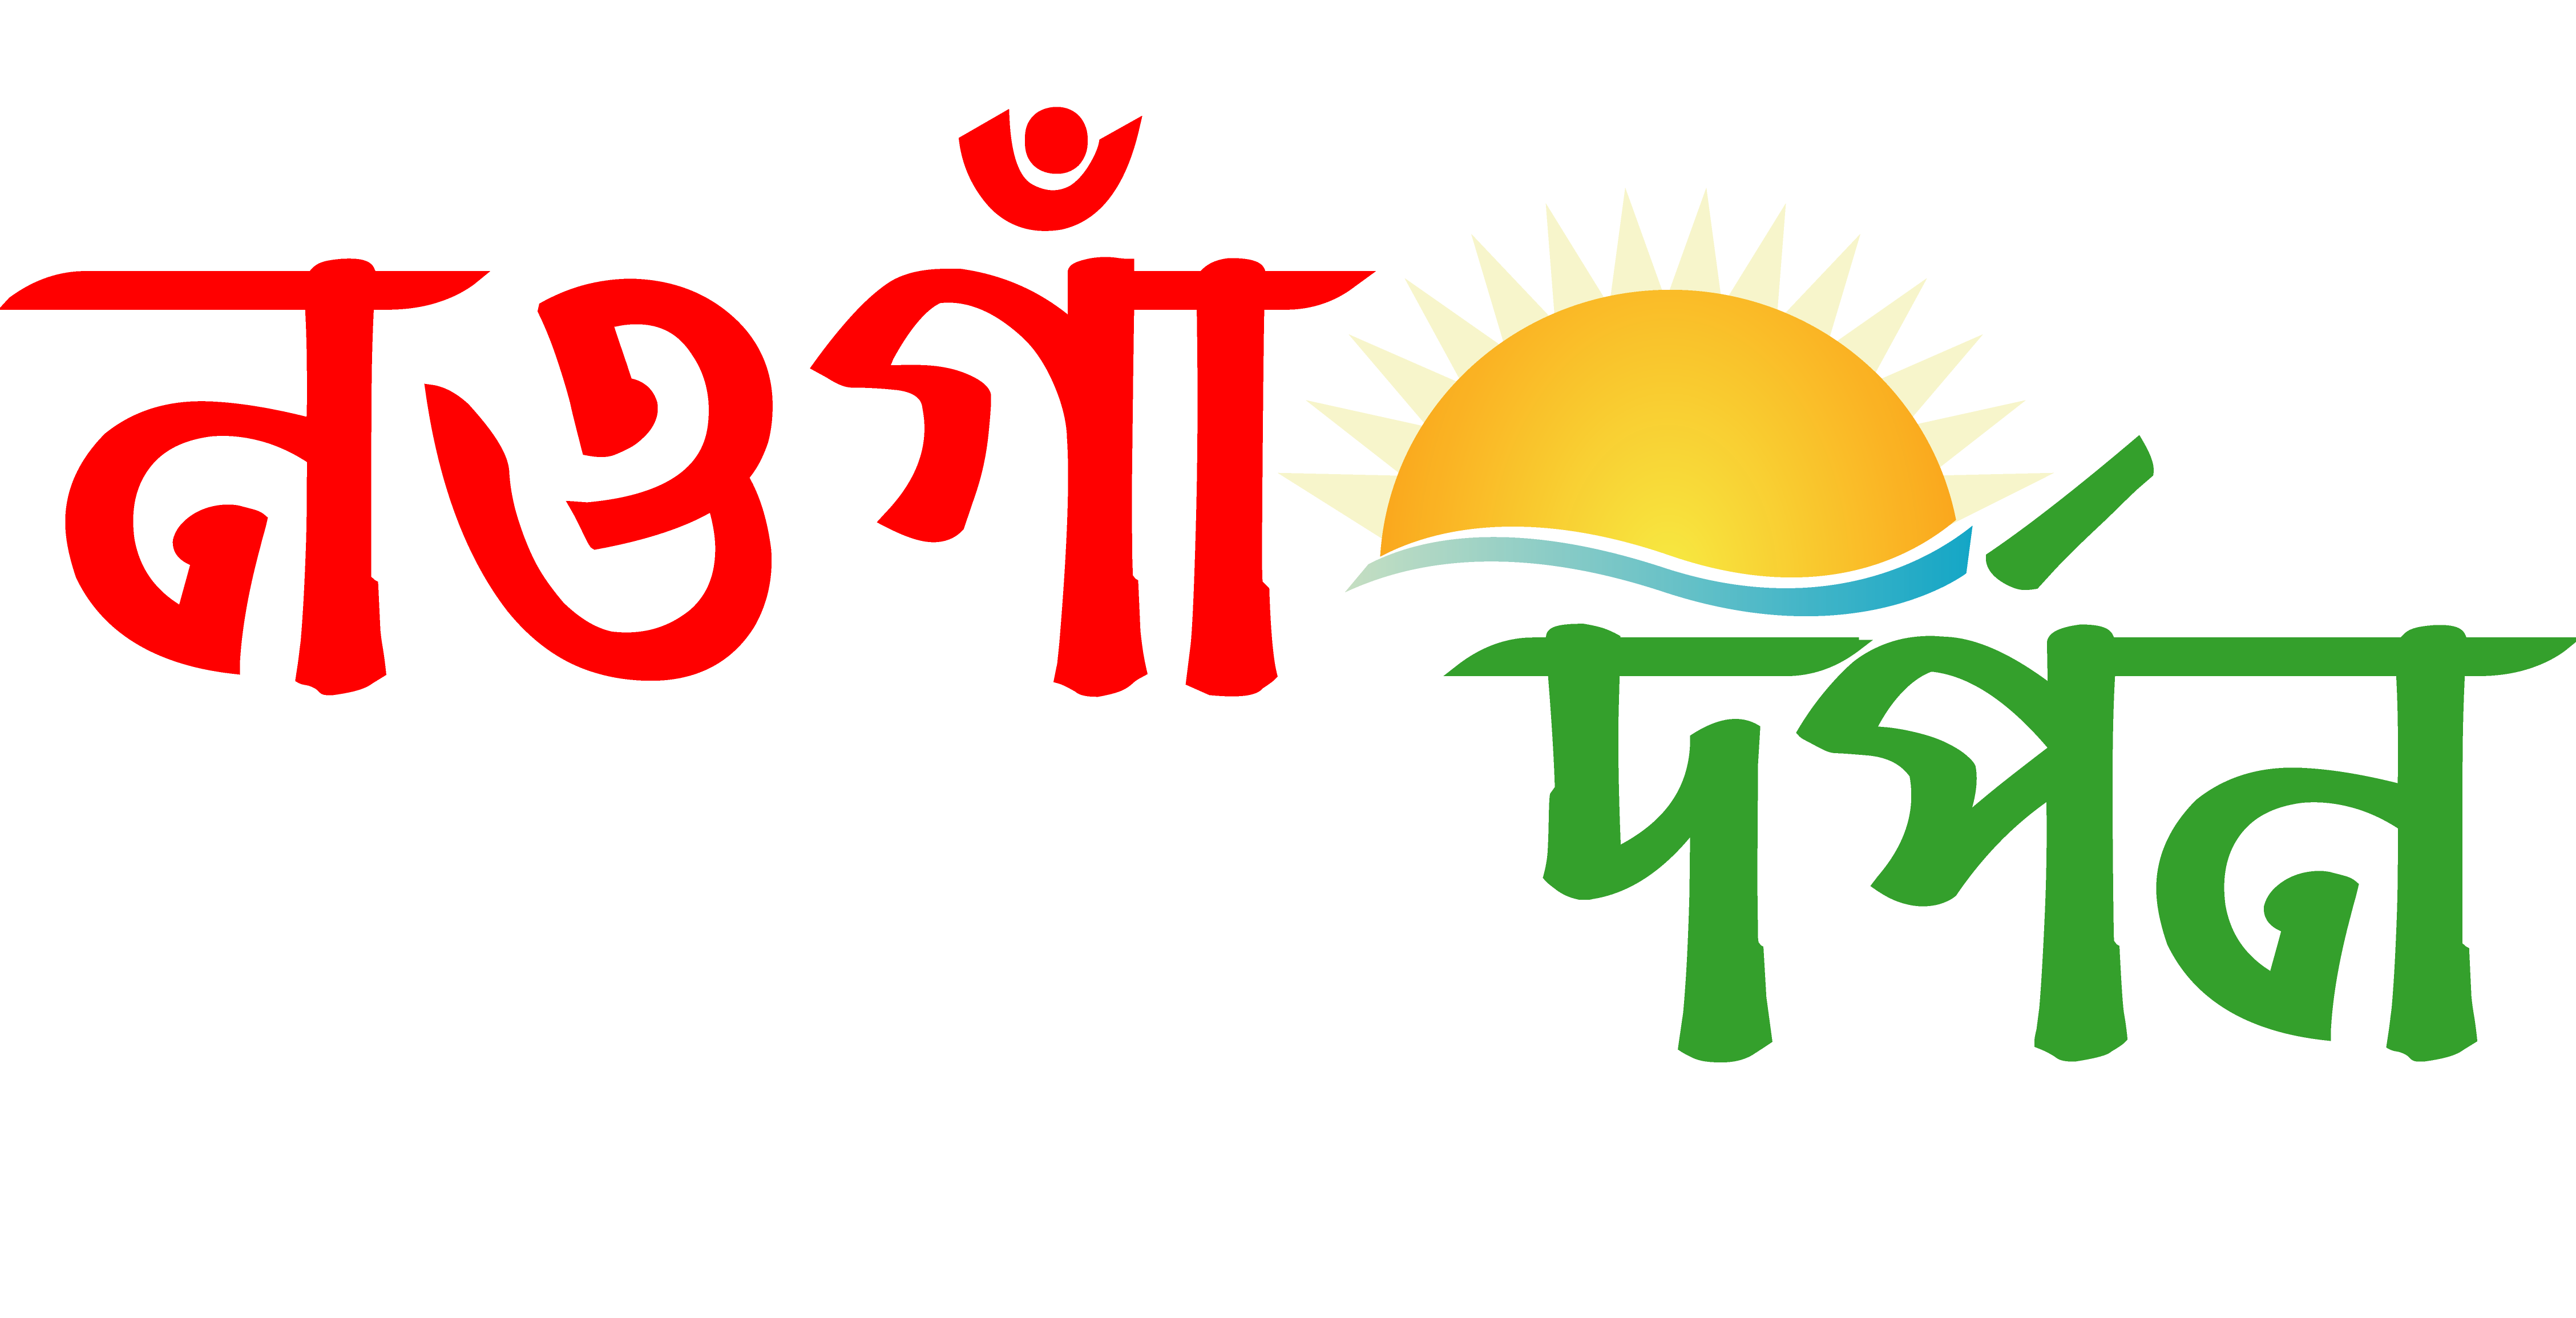 নওগাঁ দর্পন- Naogaon Dorpon নওগাঁয়ের দৈনিক খবর